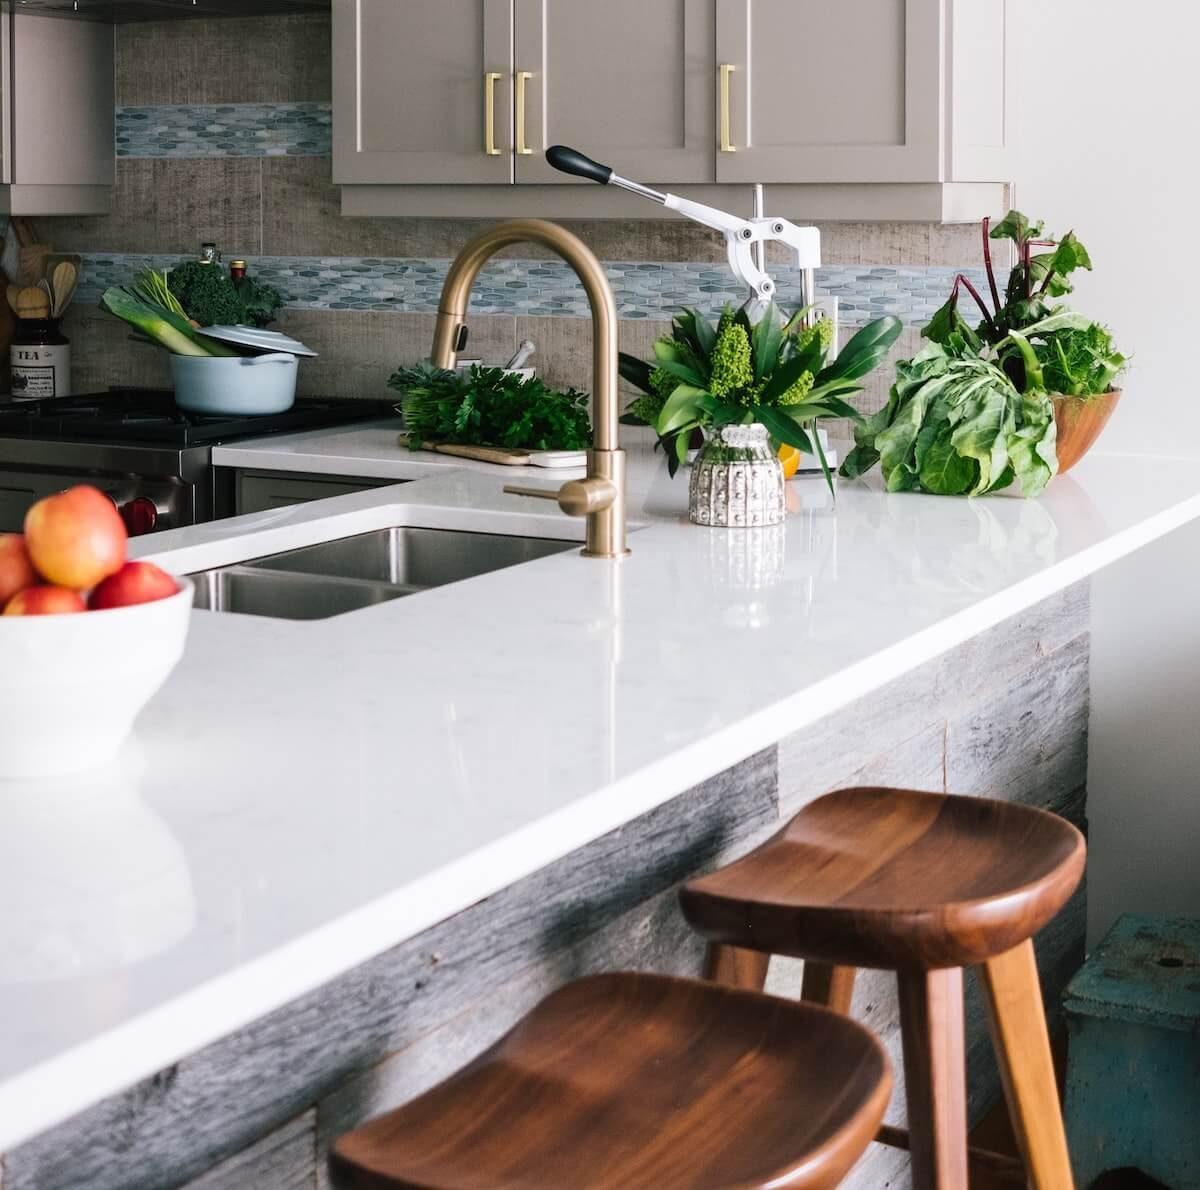 Küche mit weißer Arbeitsplatte und Bar bzw Teke mit Barhockern